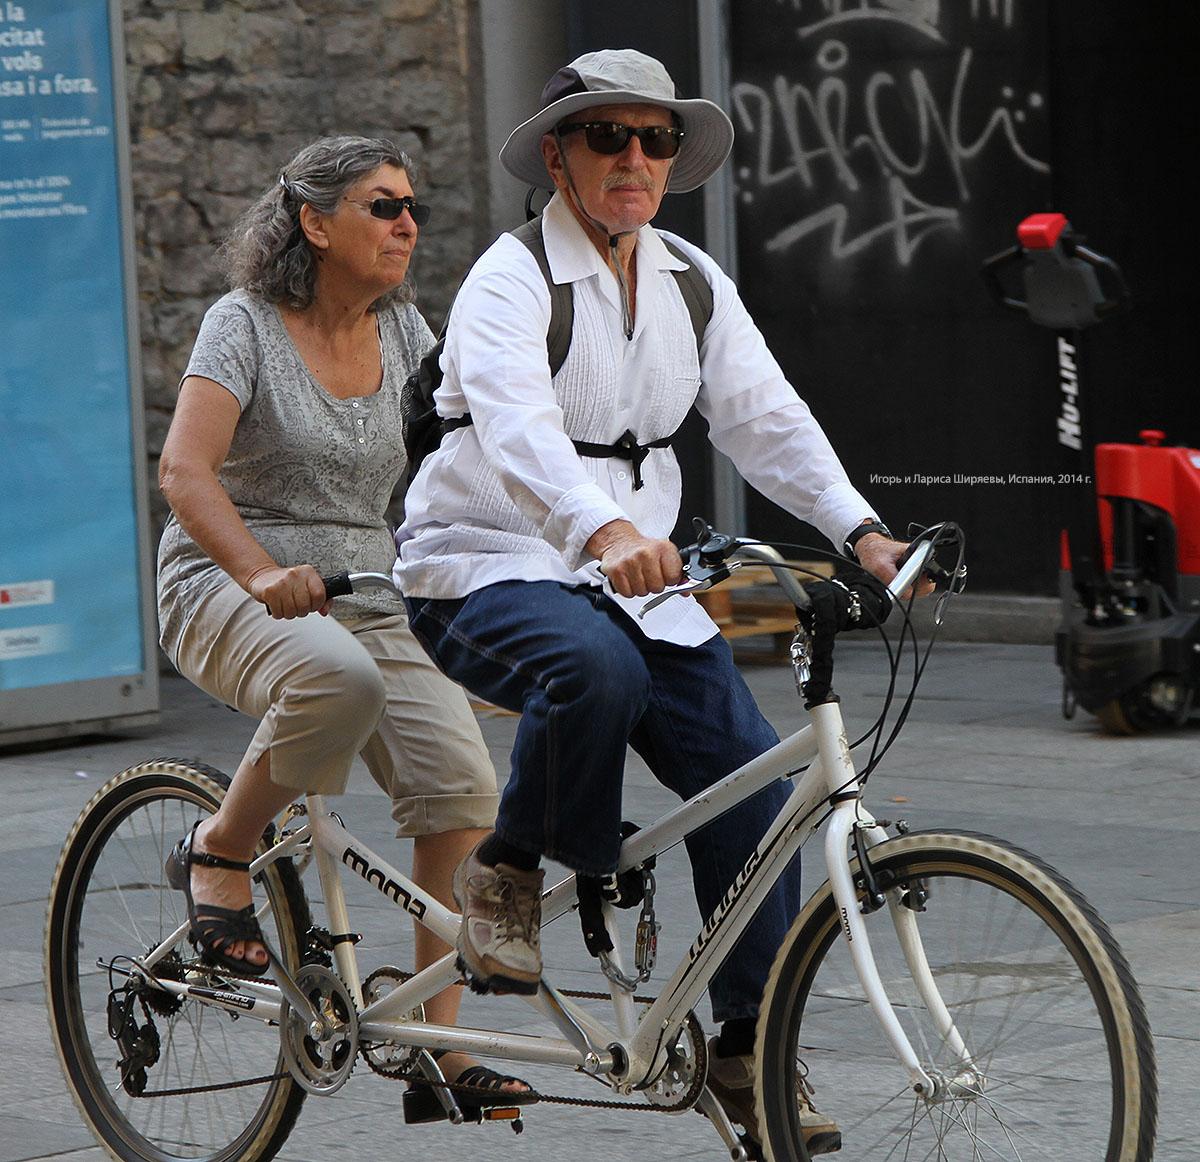 Испания, Барселона: стрит-фото, Интересный Мир: путешествия, туризм, психология, наука, техника, интересное в мире, юмор, история, культура